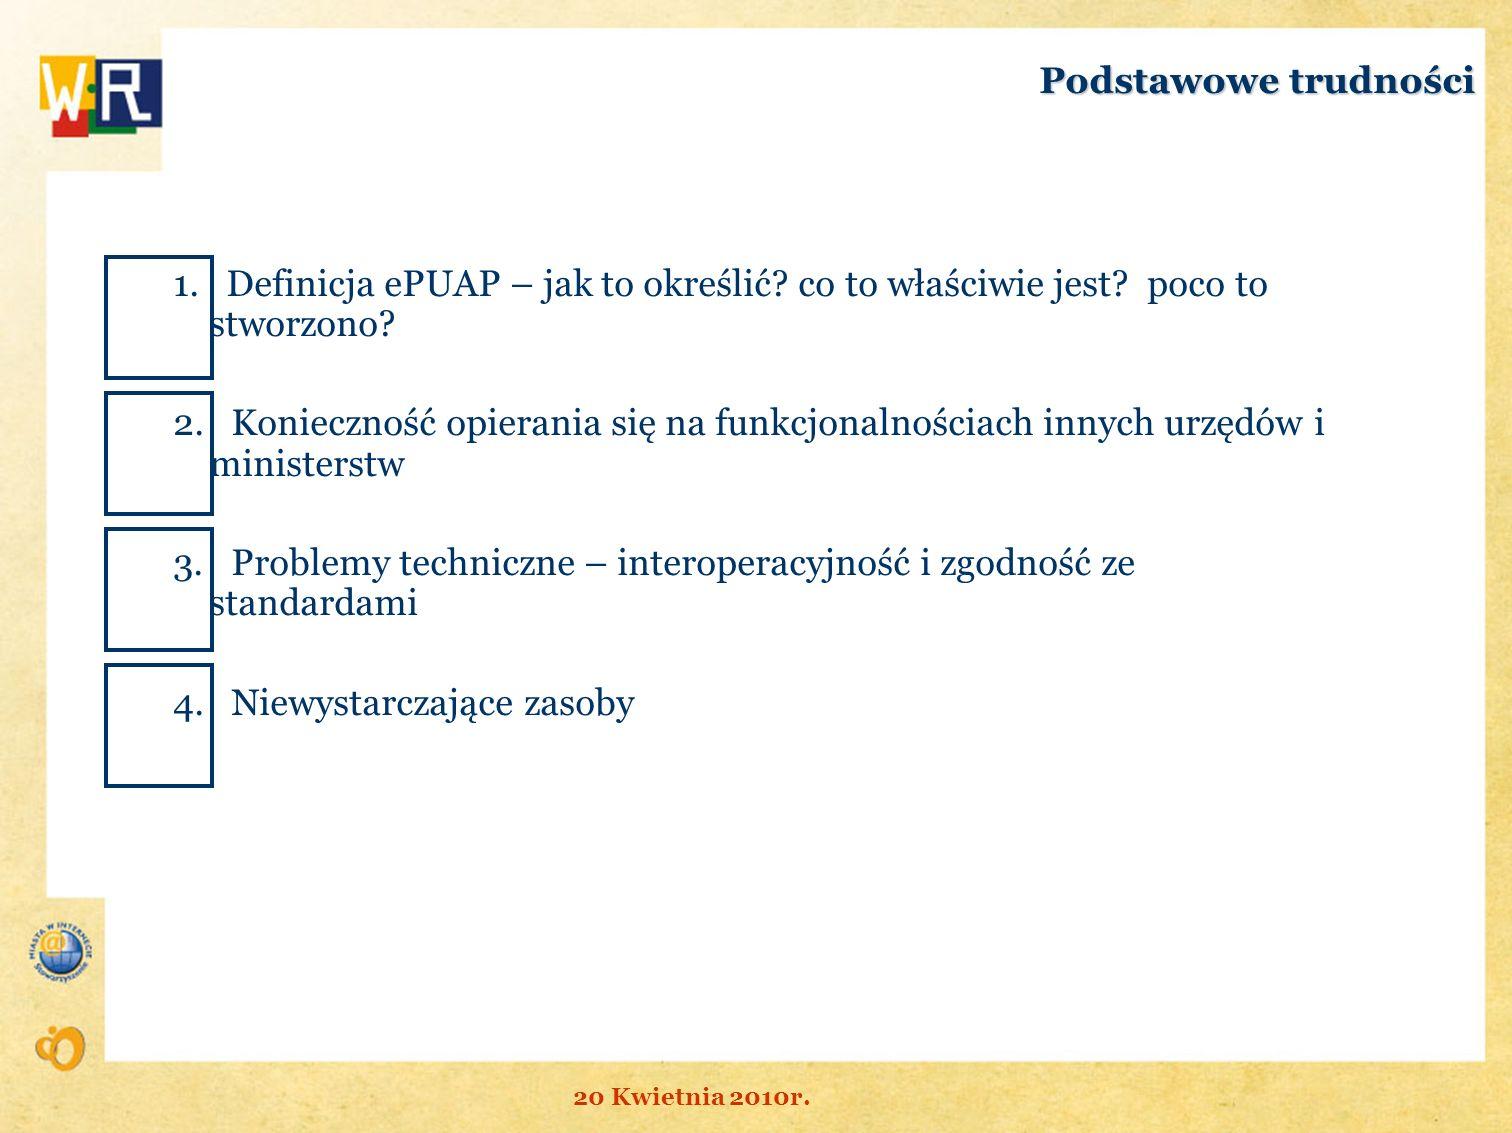 Definicja ePUAP i wynikające z niej trudności 1.